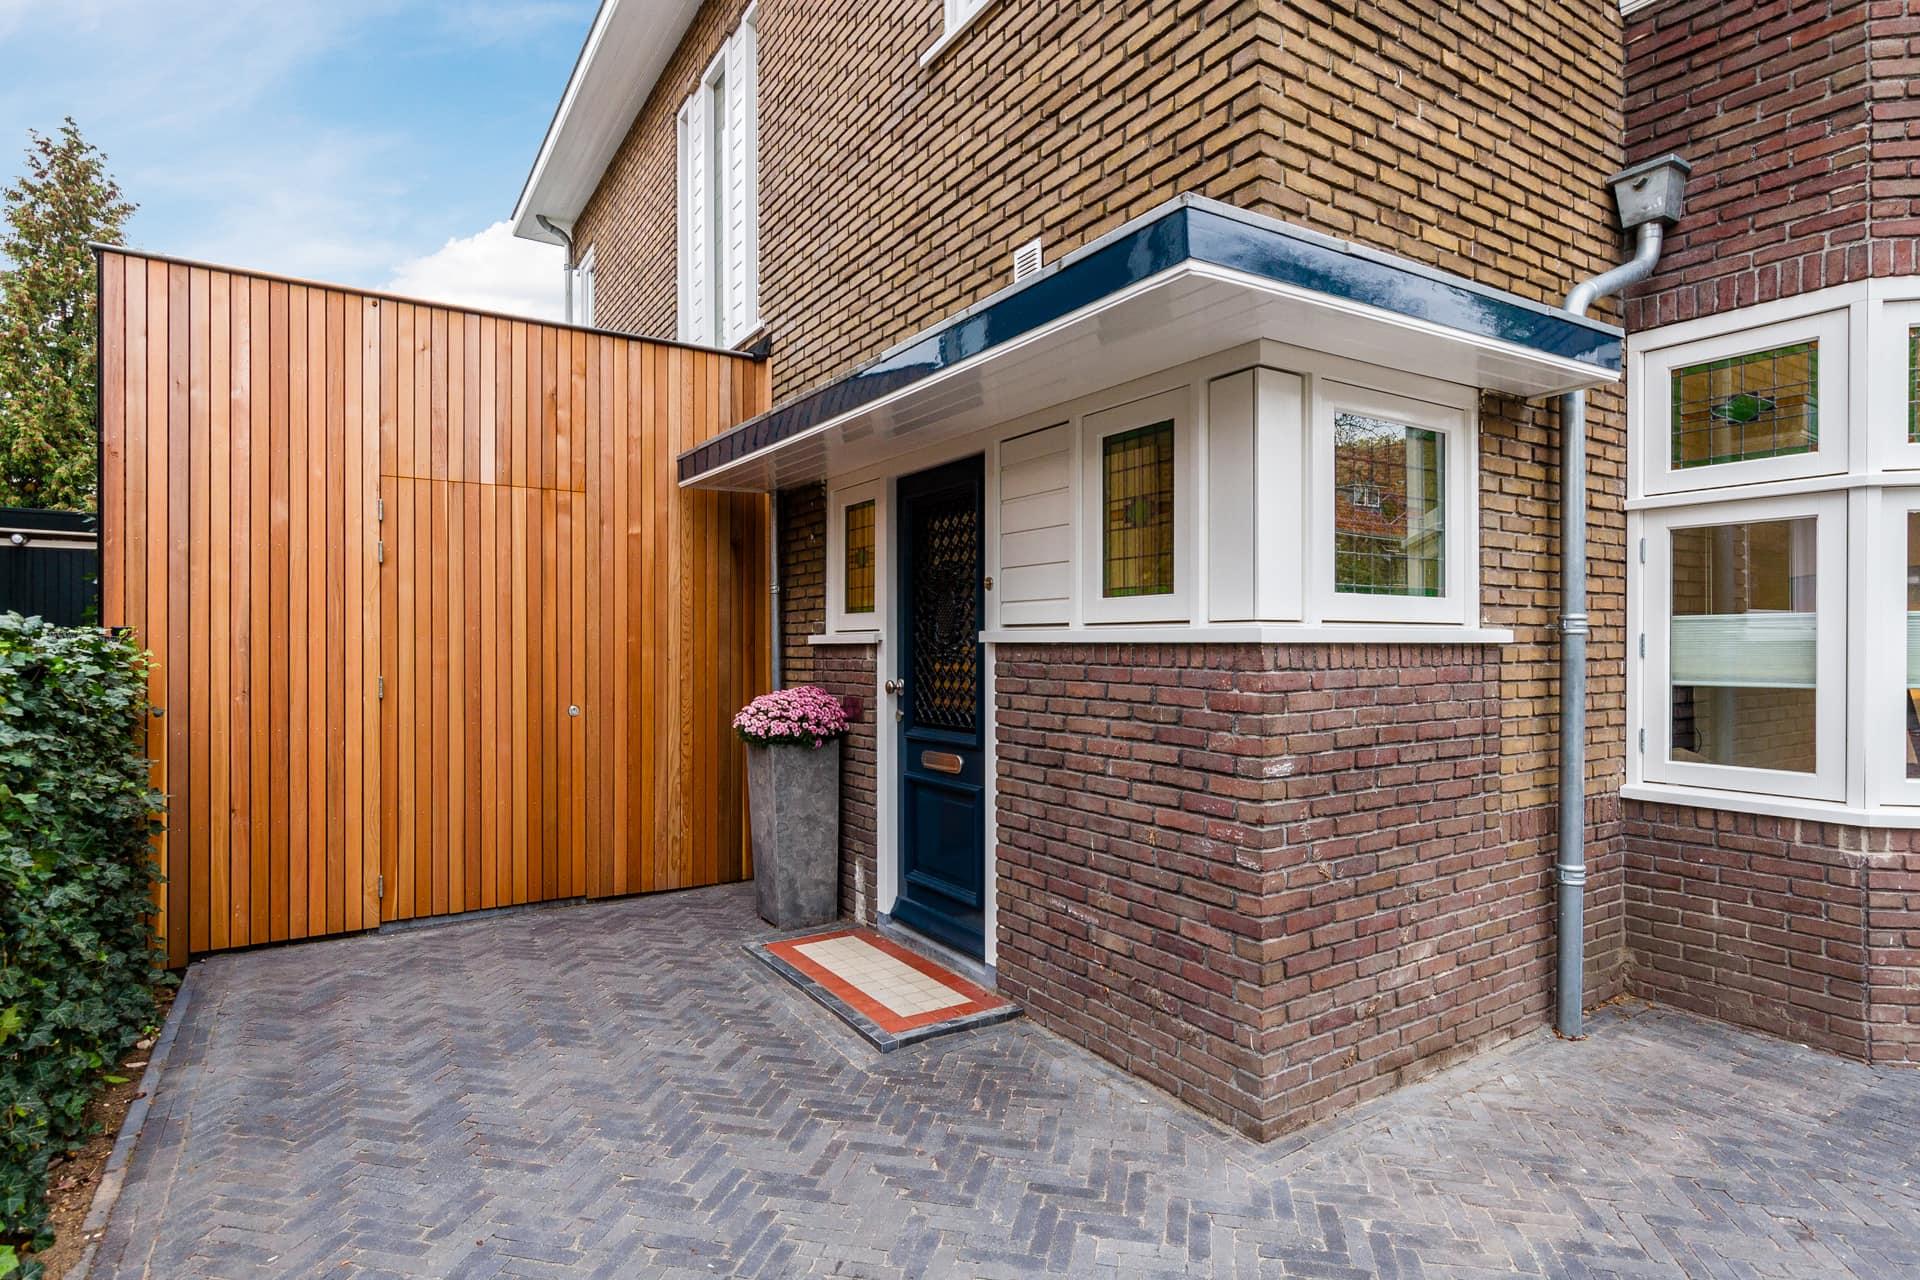 van-Os-architecten-verbouwing-2-onder-1-kapper-Valkenierslaan-Breda-houten-gevelbekleding